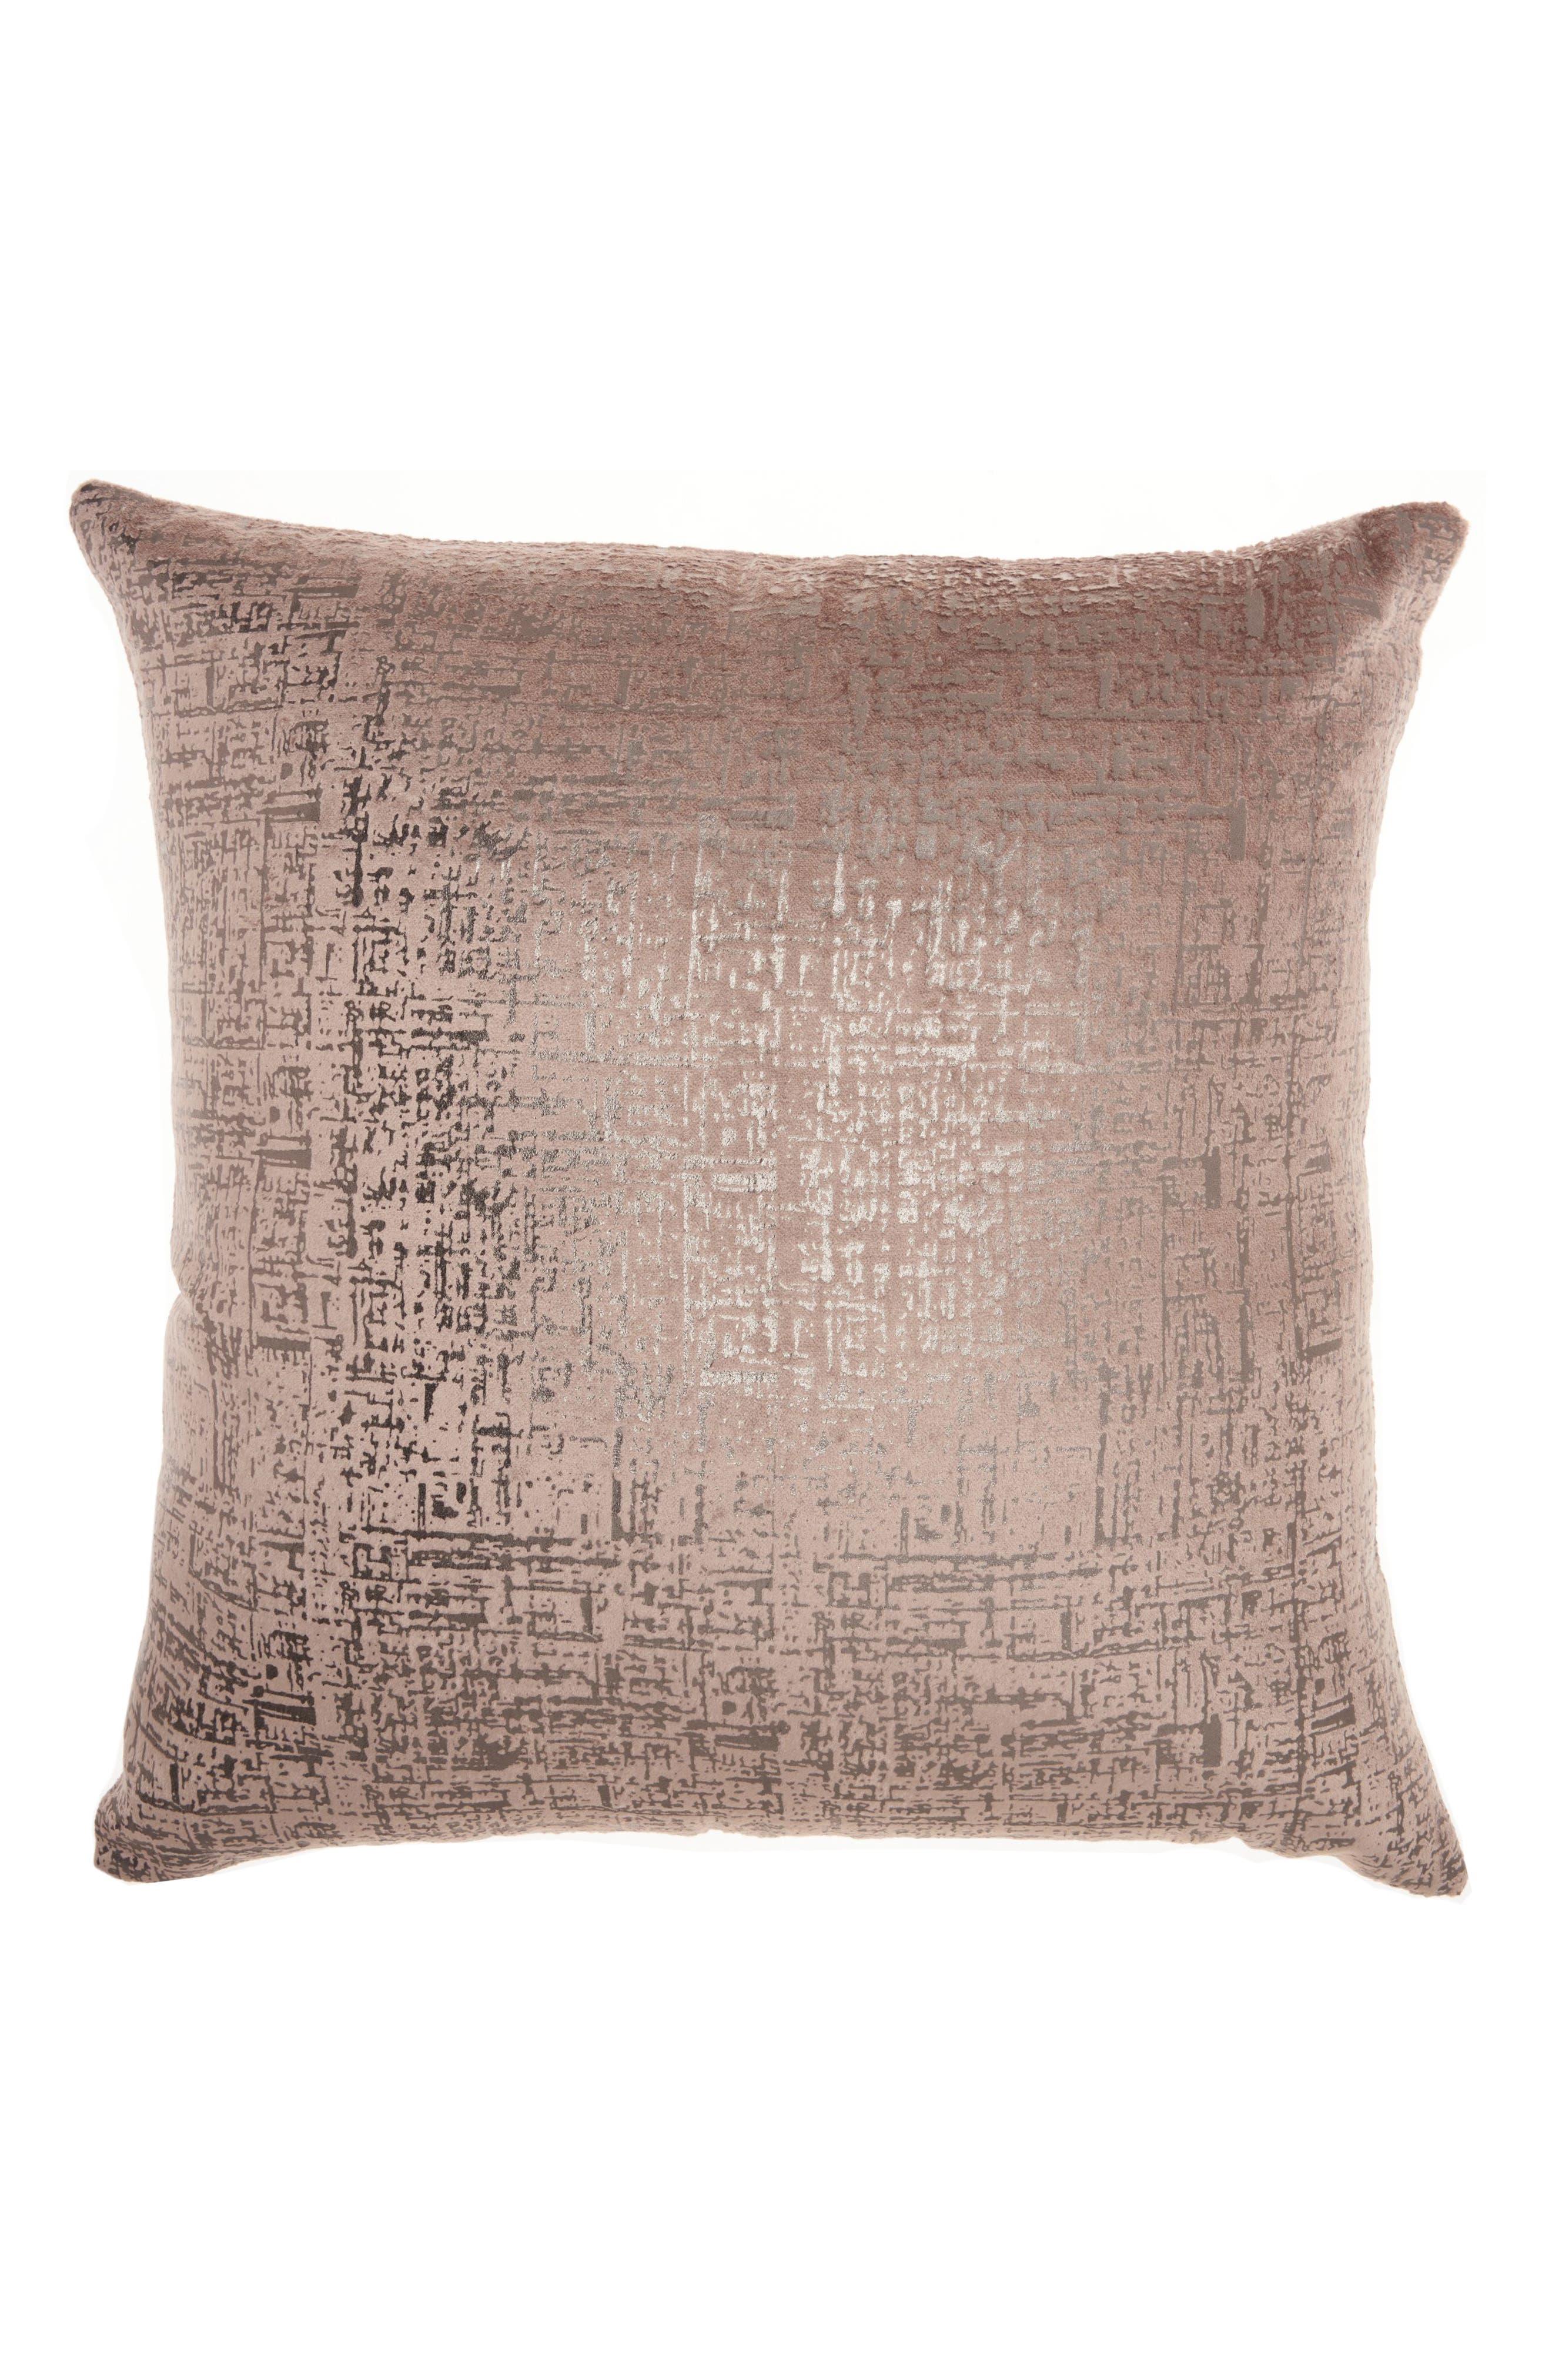 Distressed Velvet Accent Pillow,                             Main thumbnail 1, color,                             BEIGE